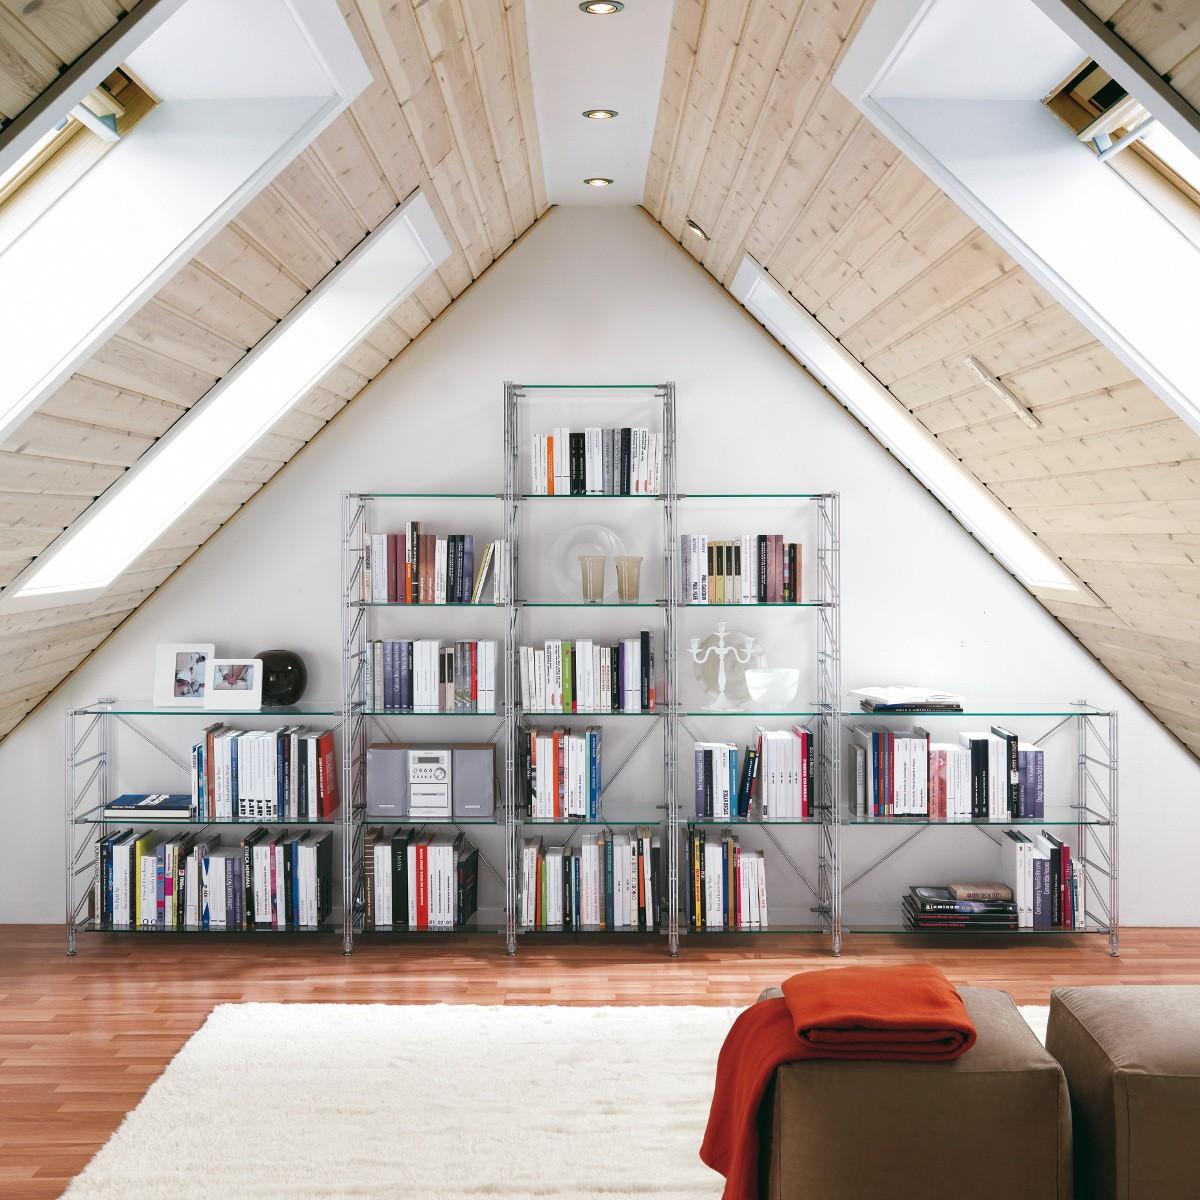 Librerie componibili in acciaio: come creare scaffali e scaffalature ...